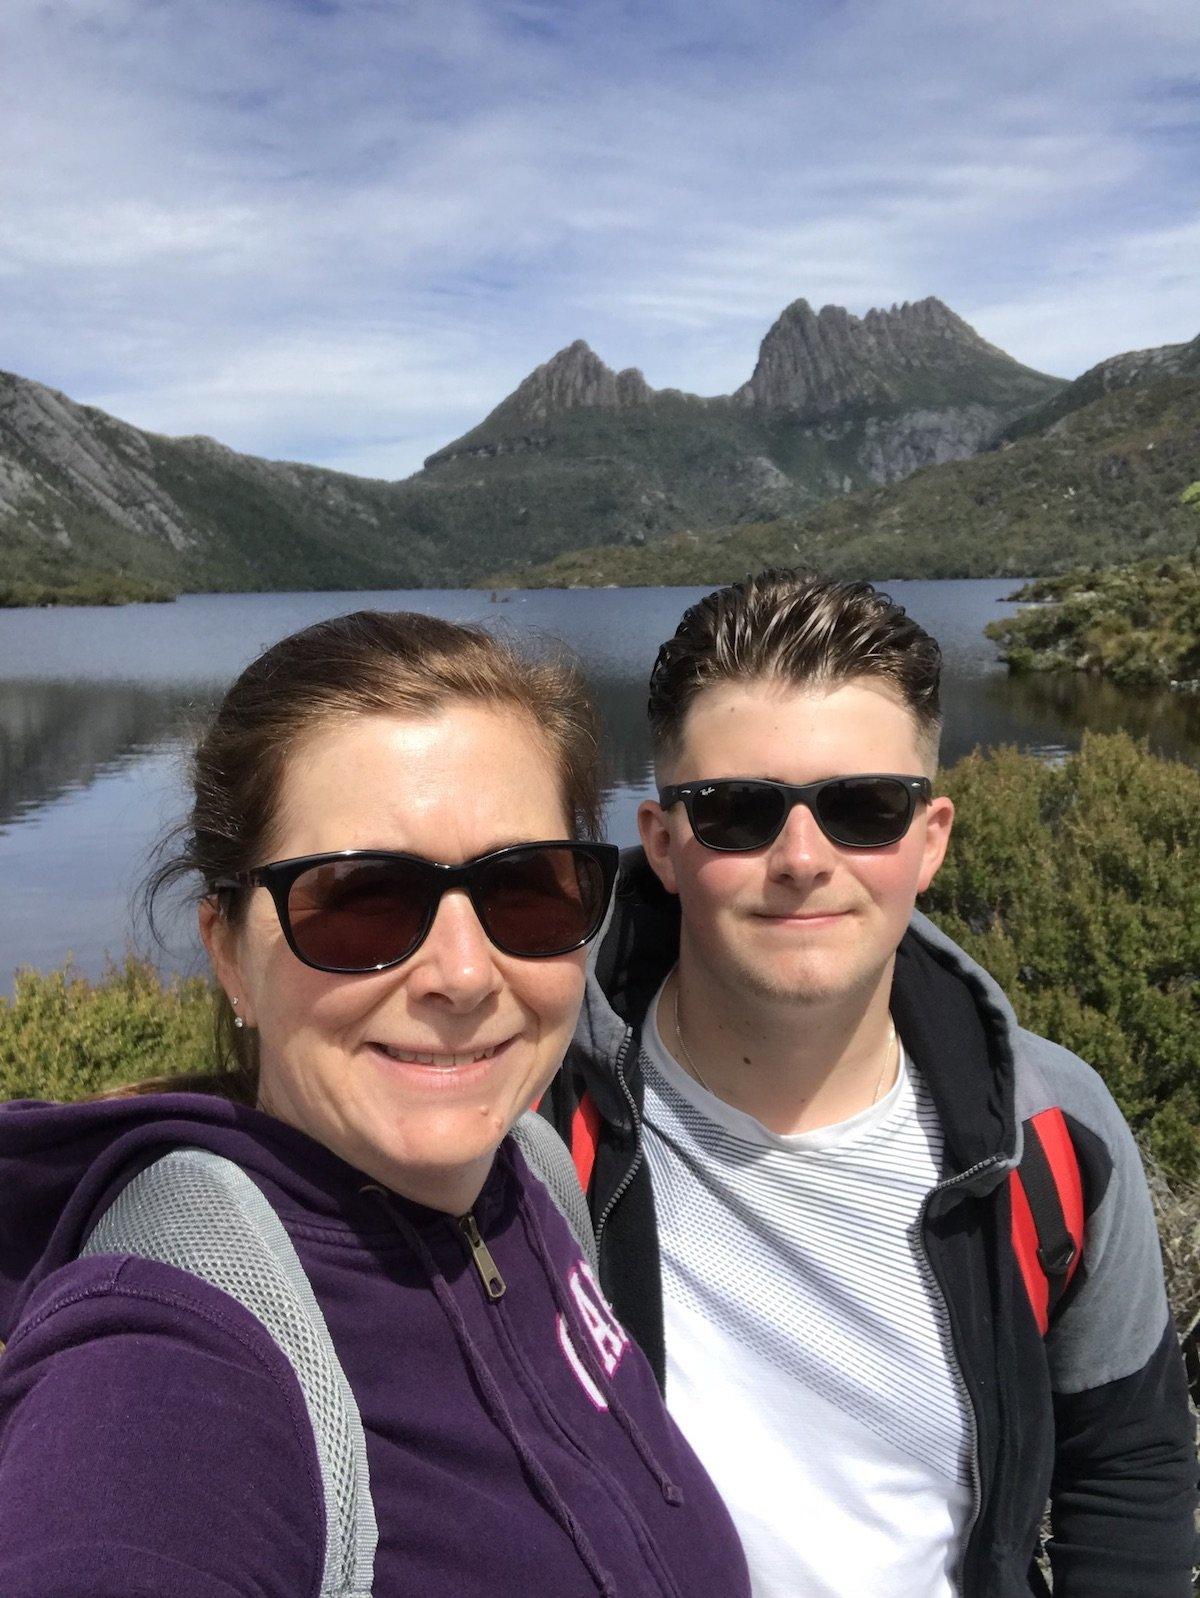 Angie and Dominic hiking around Dove Lake